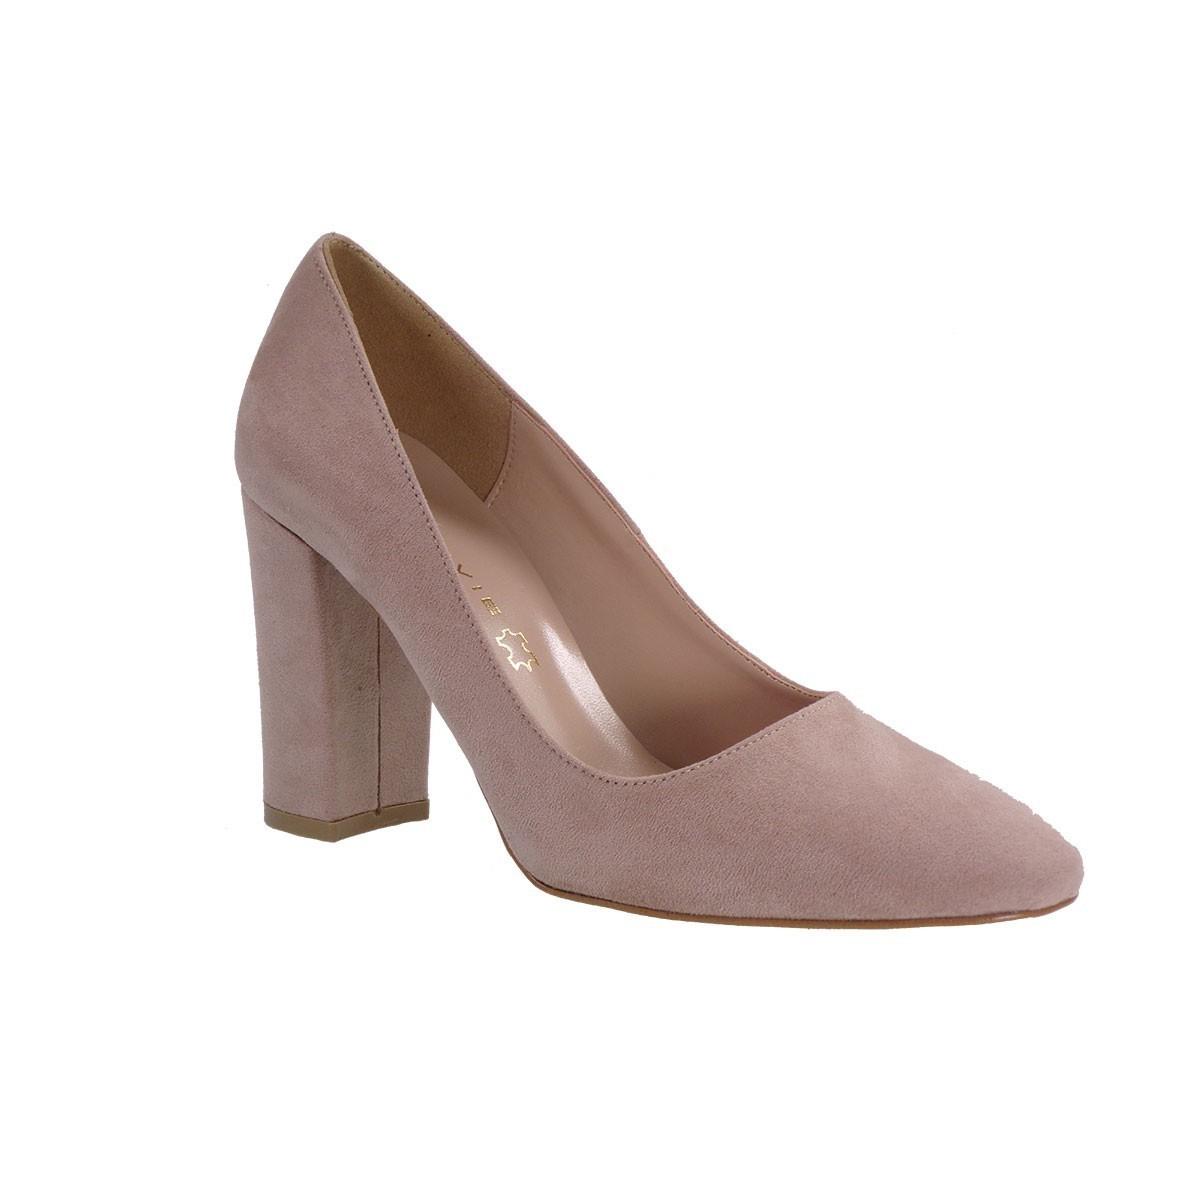 Envie Shoes Γυναικείες Παπούτσια Γόβες E02-07415 Νude